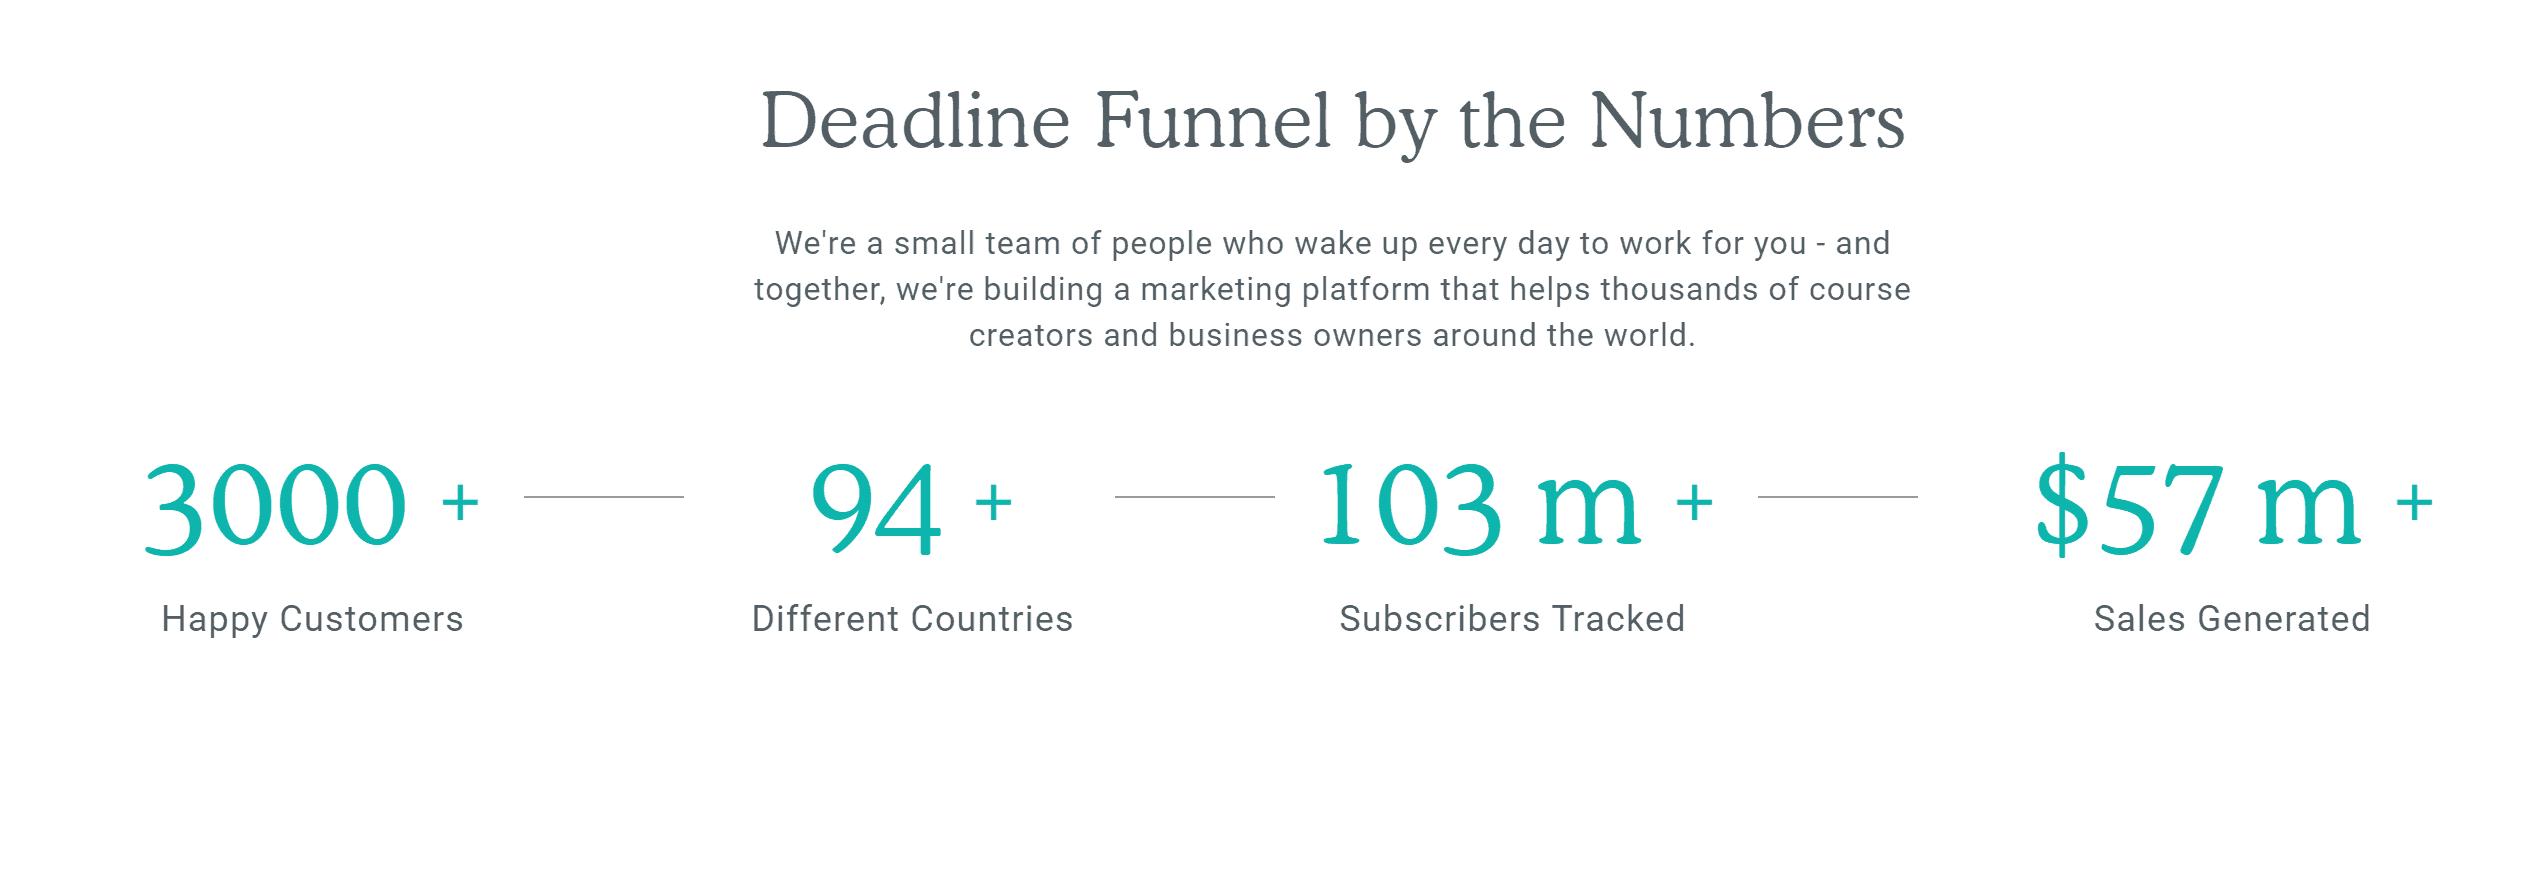 Deadline funnel customers